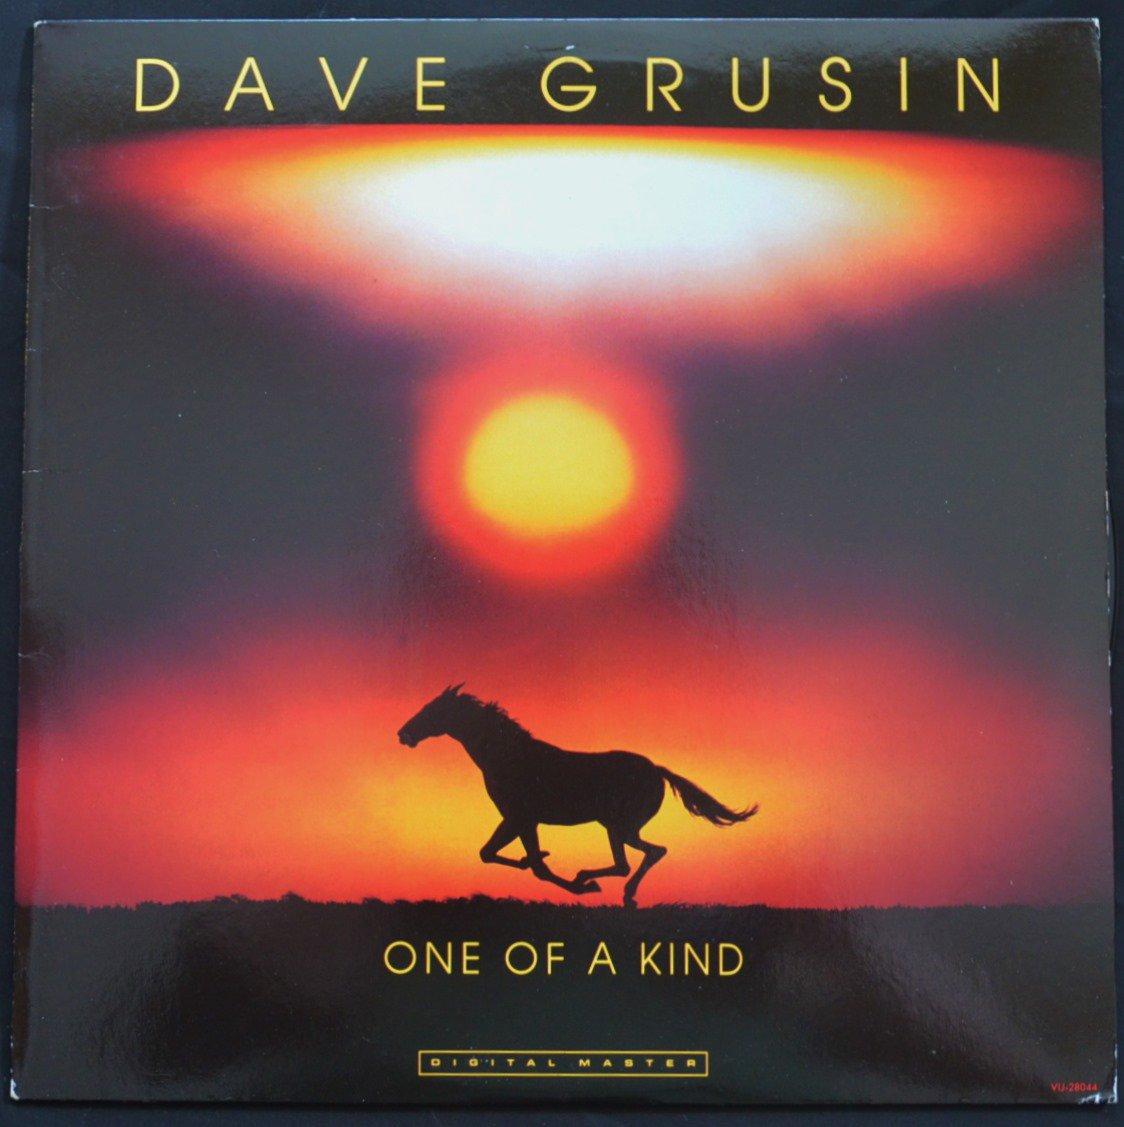 デイブ・グルーシン DAVE GRUSIN / ワン・オブ・ア・カインド ONE OF A KIND (LP)